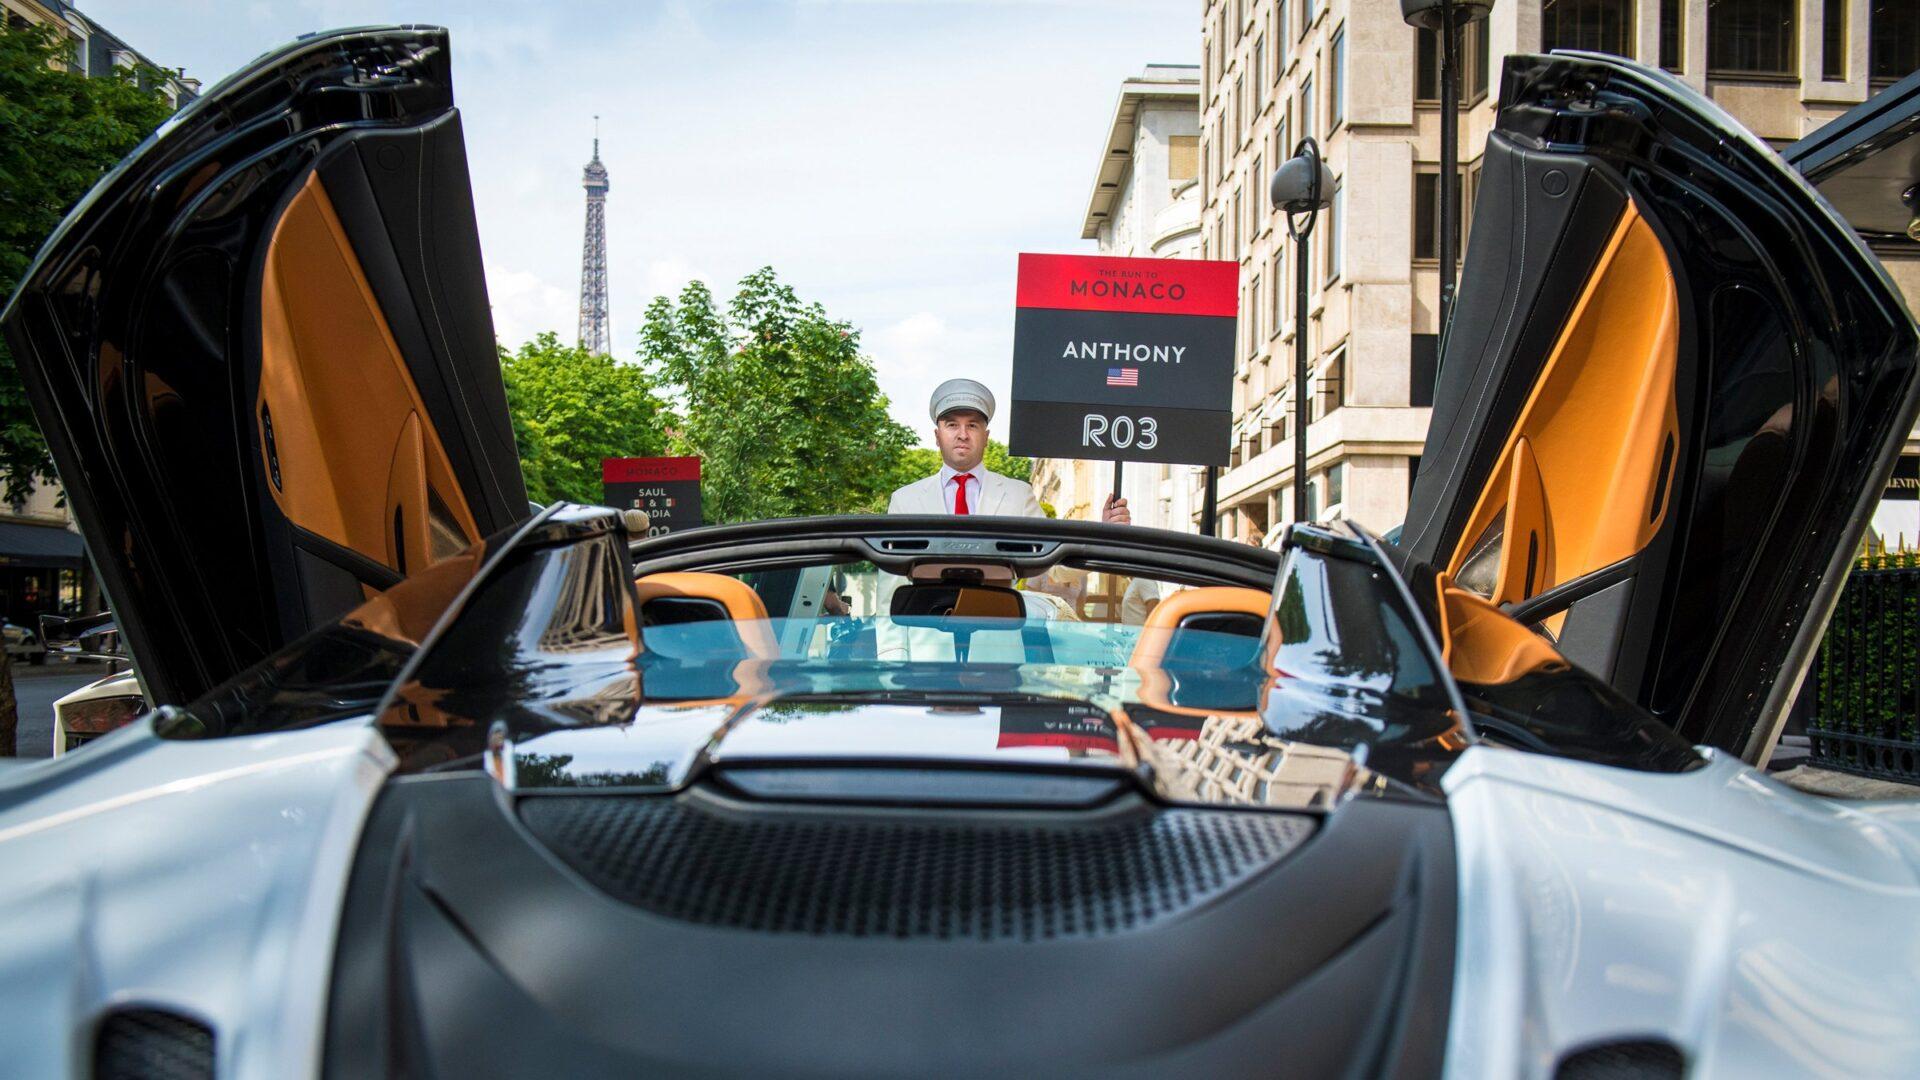 Christo Thompson with a supercar on The Run to Monaco